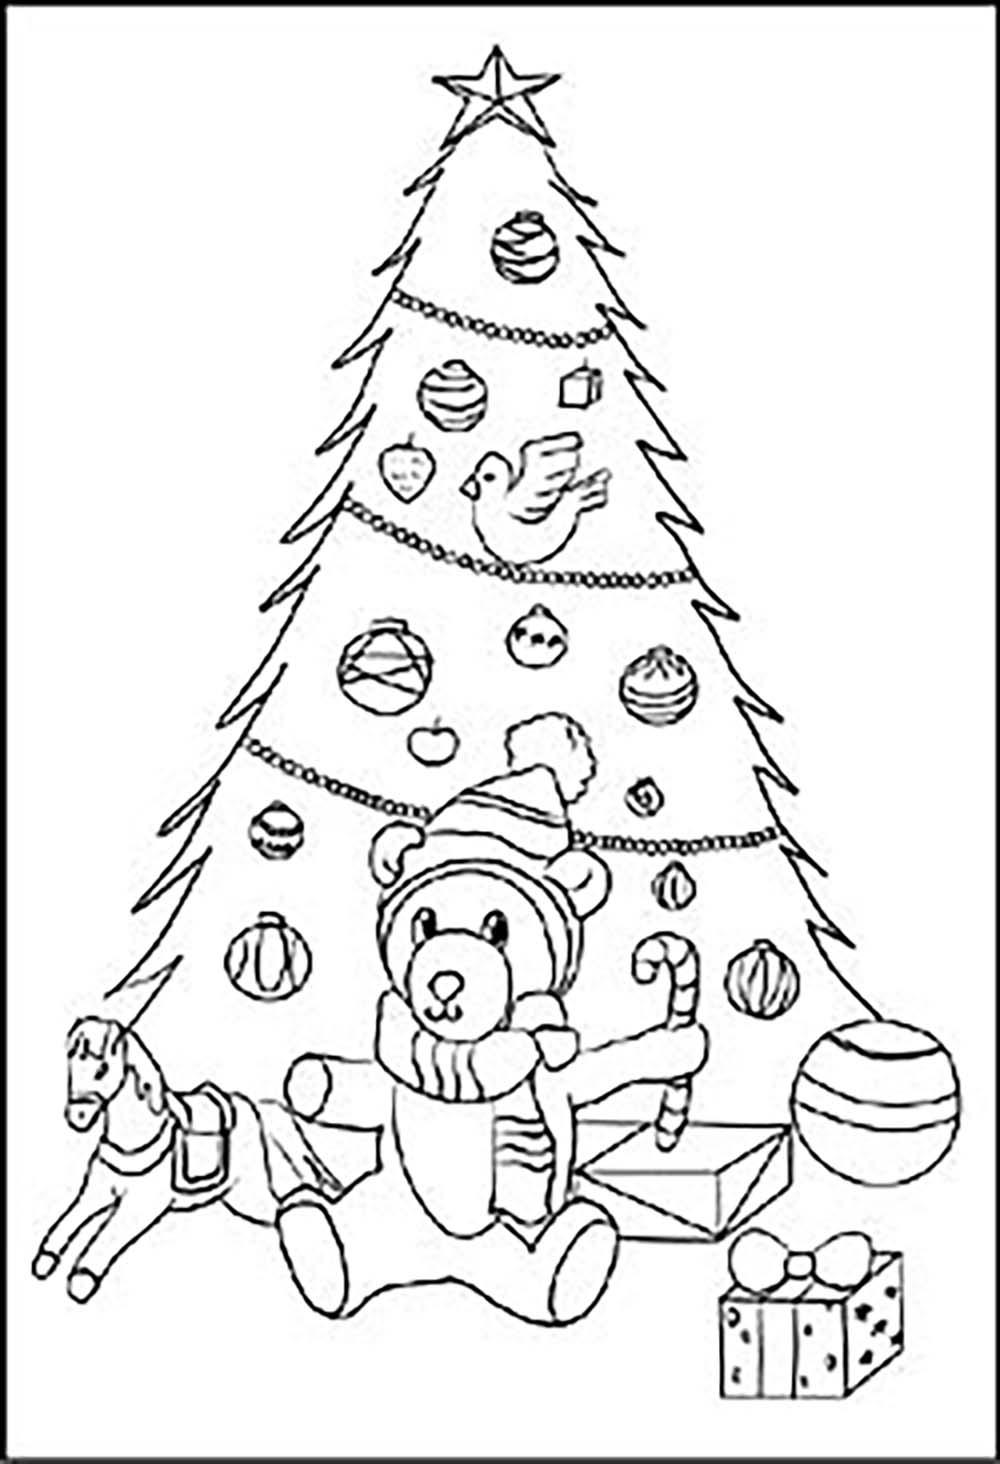 malvorlagen weihnachten kostenlos - ausmalbilder